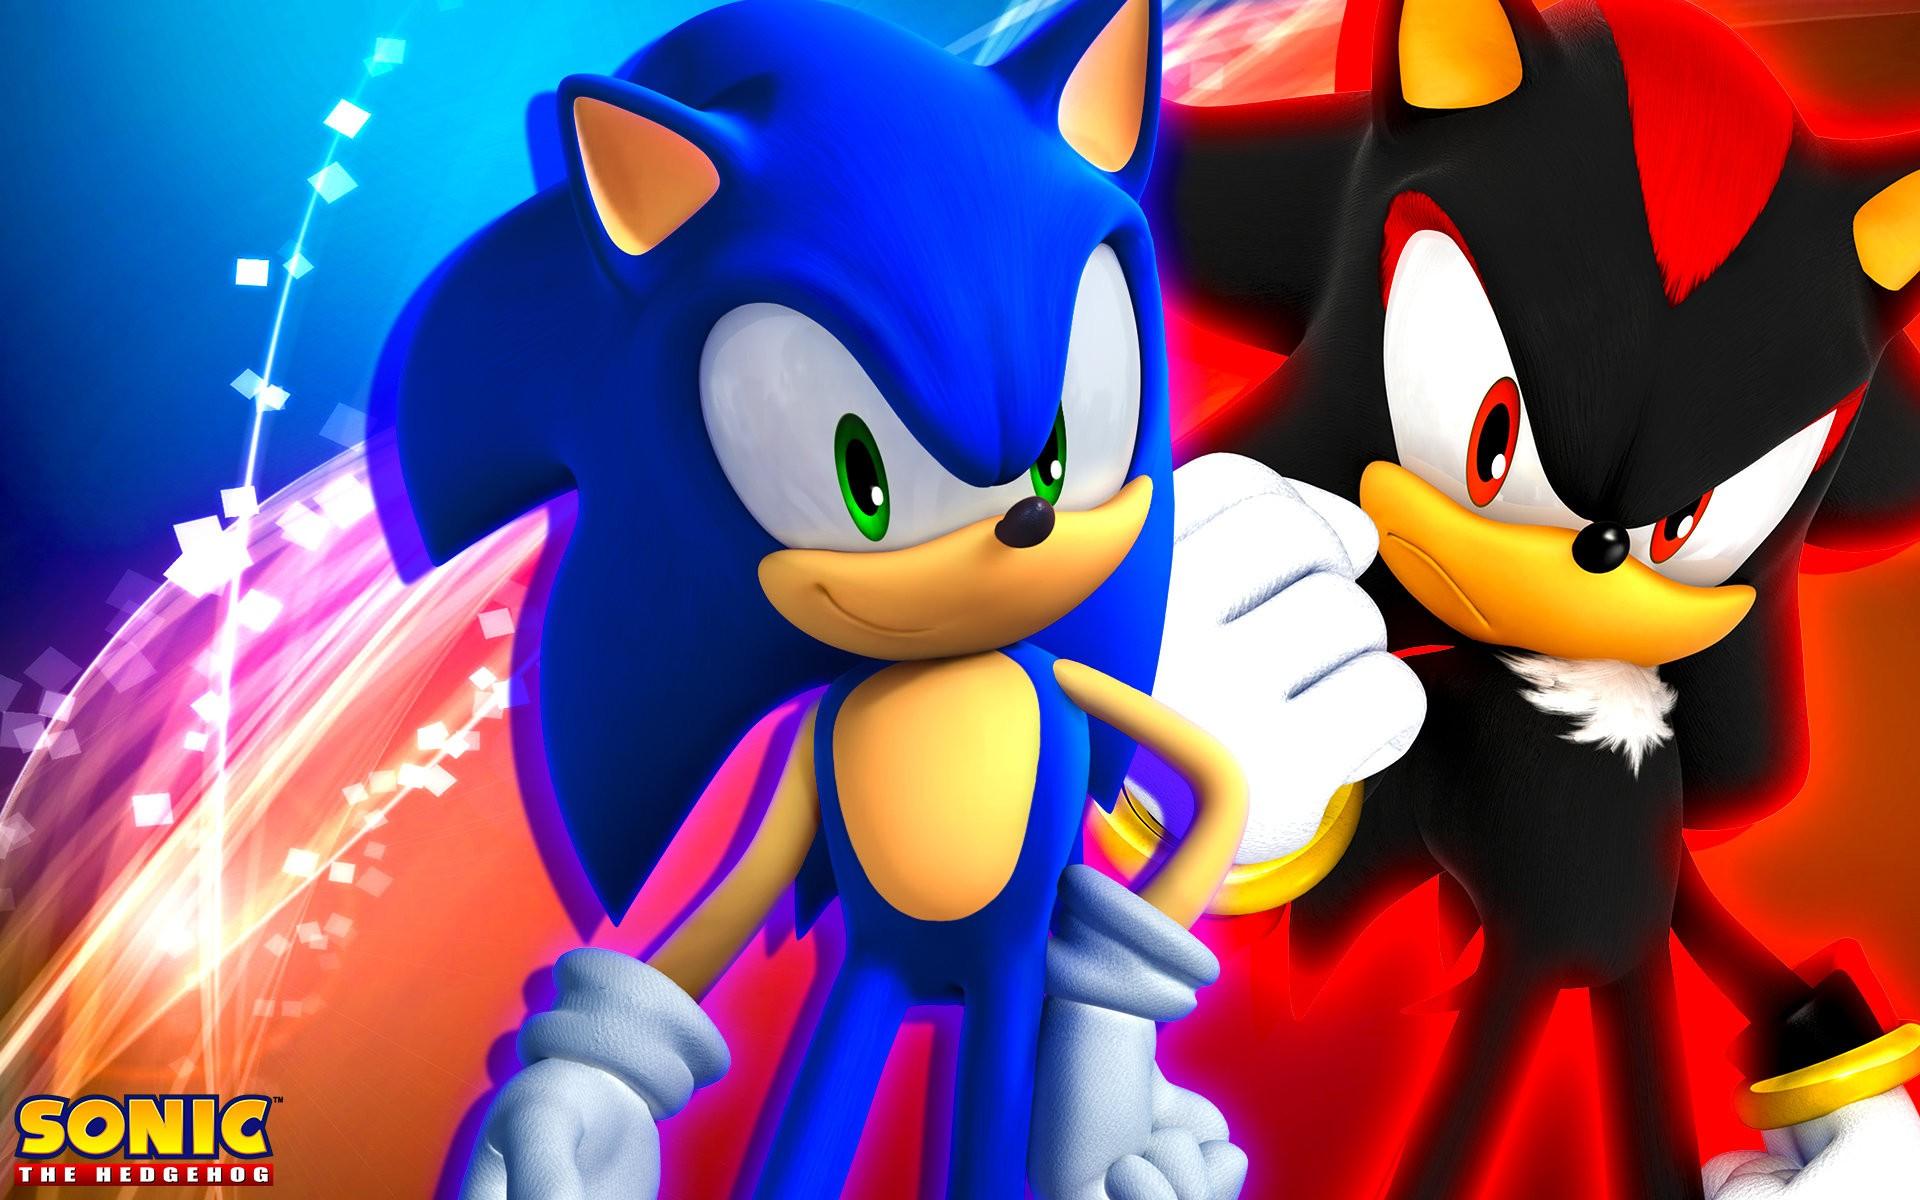 sonic the hedgehog computer wallpapers desktop